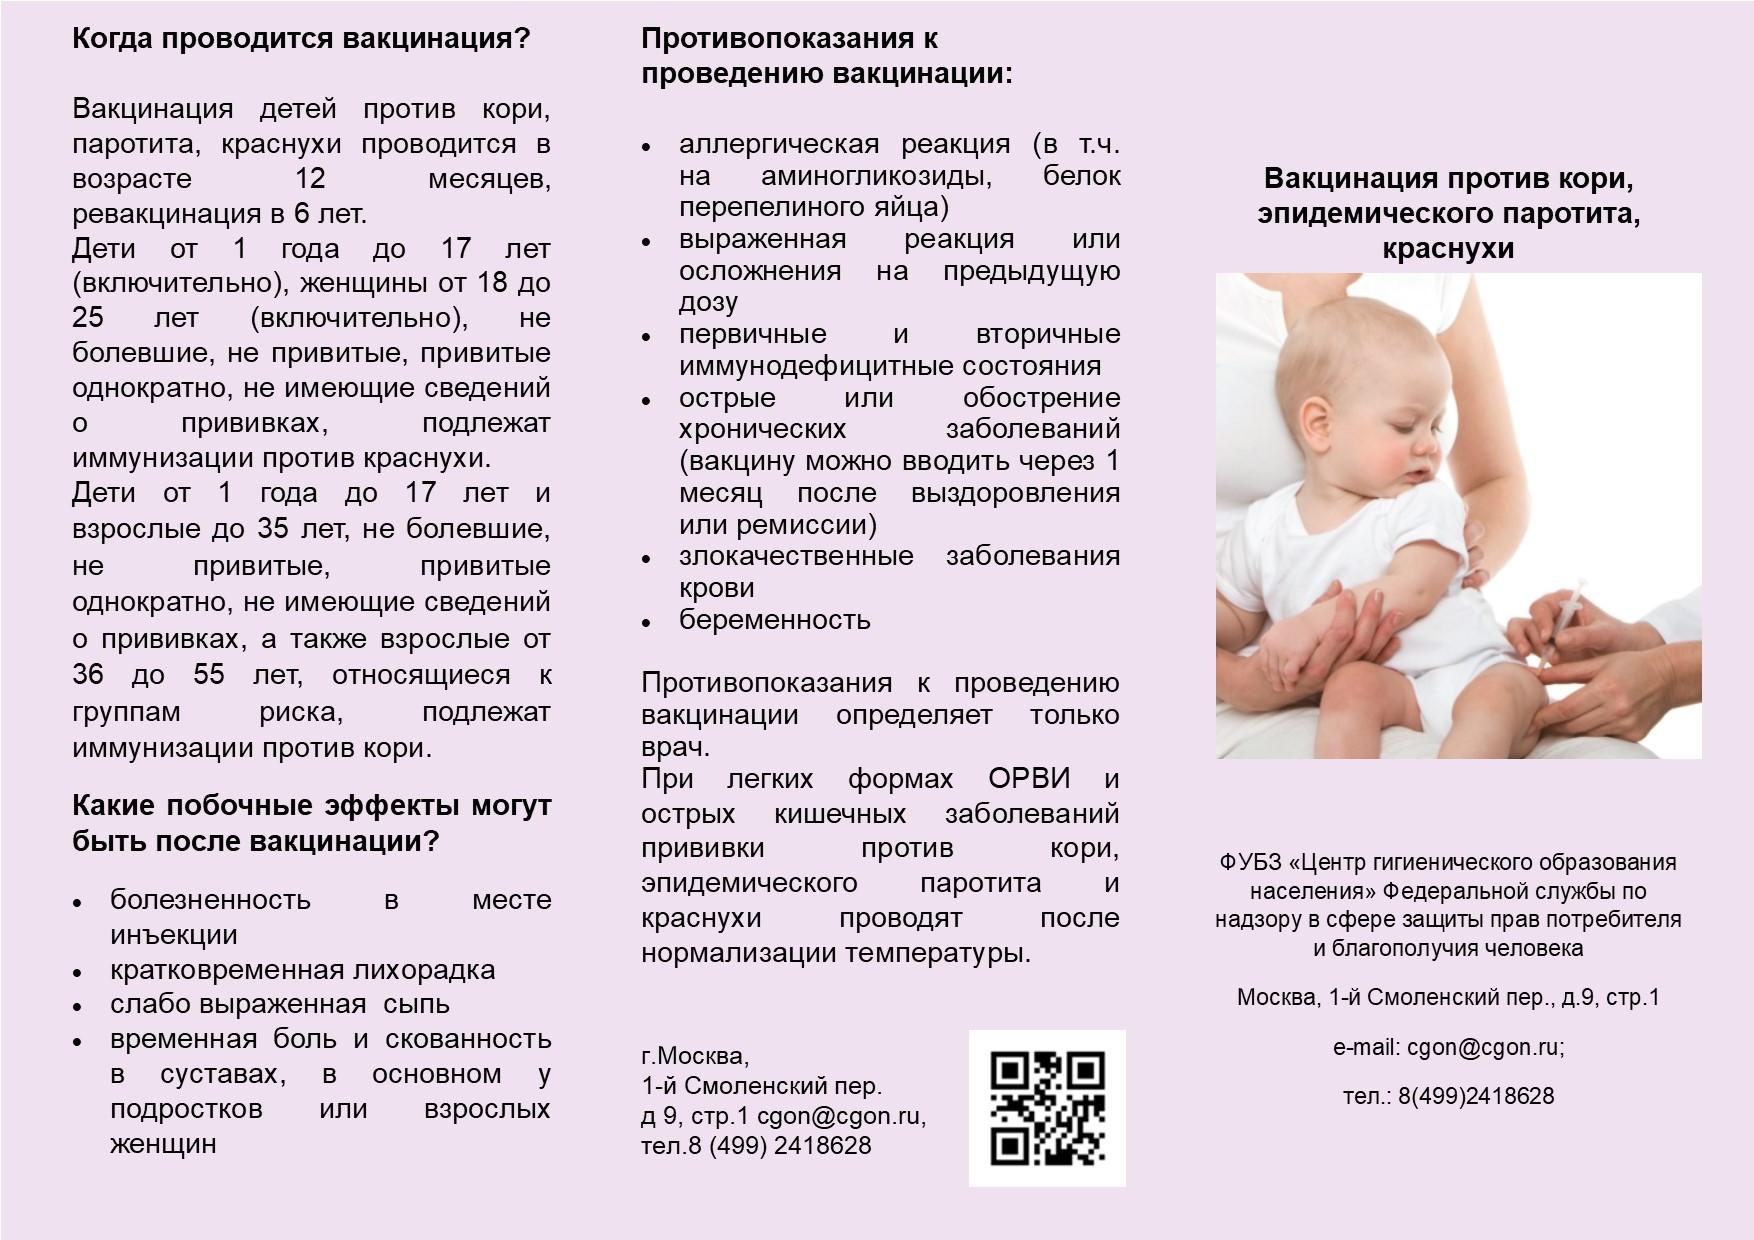 Прививка корь, краснуха, паротит ? как переносится в 1 год — реакция и противопоказания, правила вакцинации